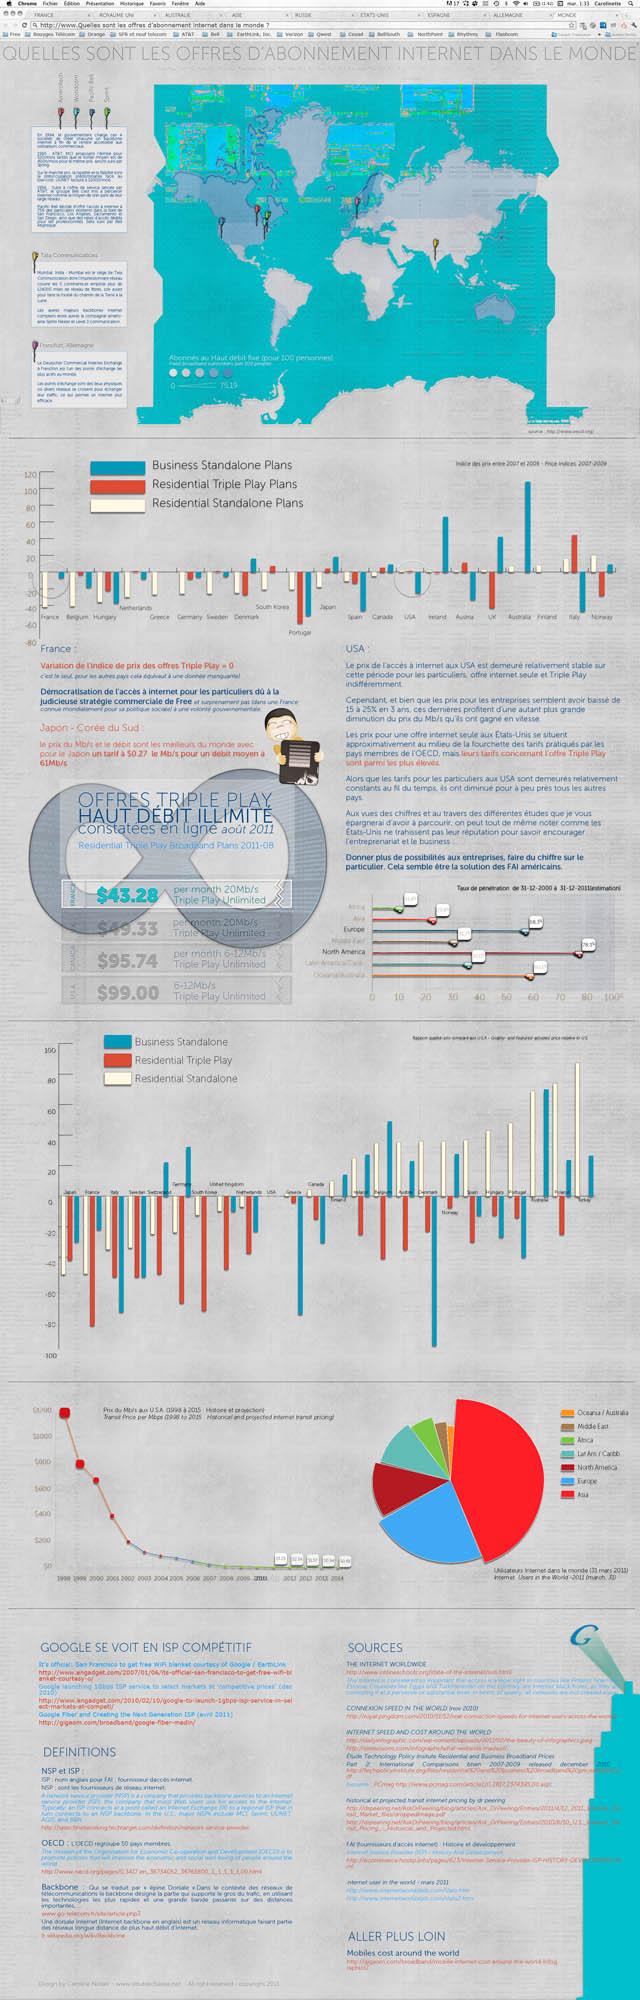 Infographie : Où est-ce le plus confortable d'être webdesigner, dev ou bien geek dans le monde ?